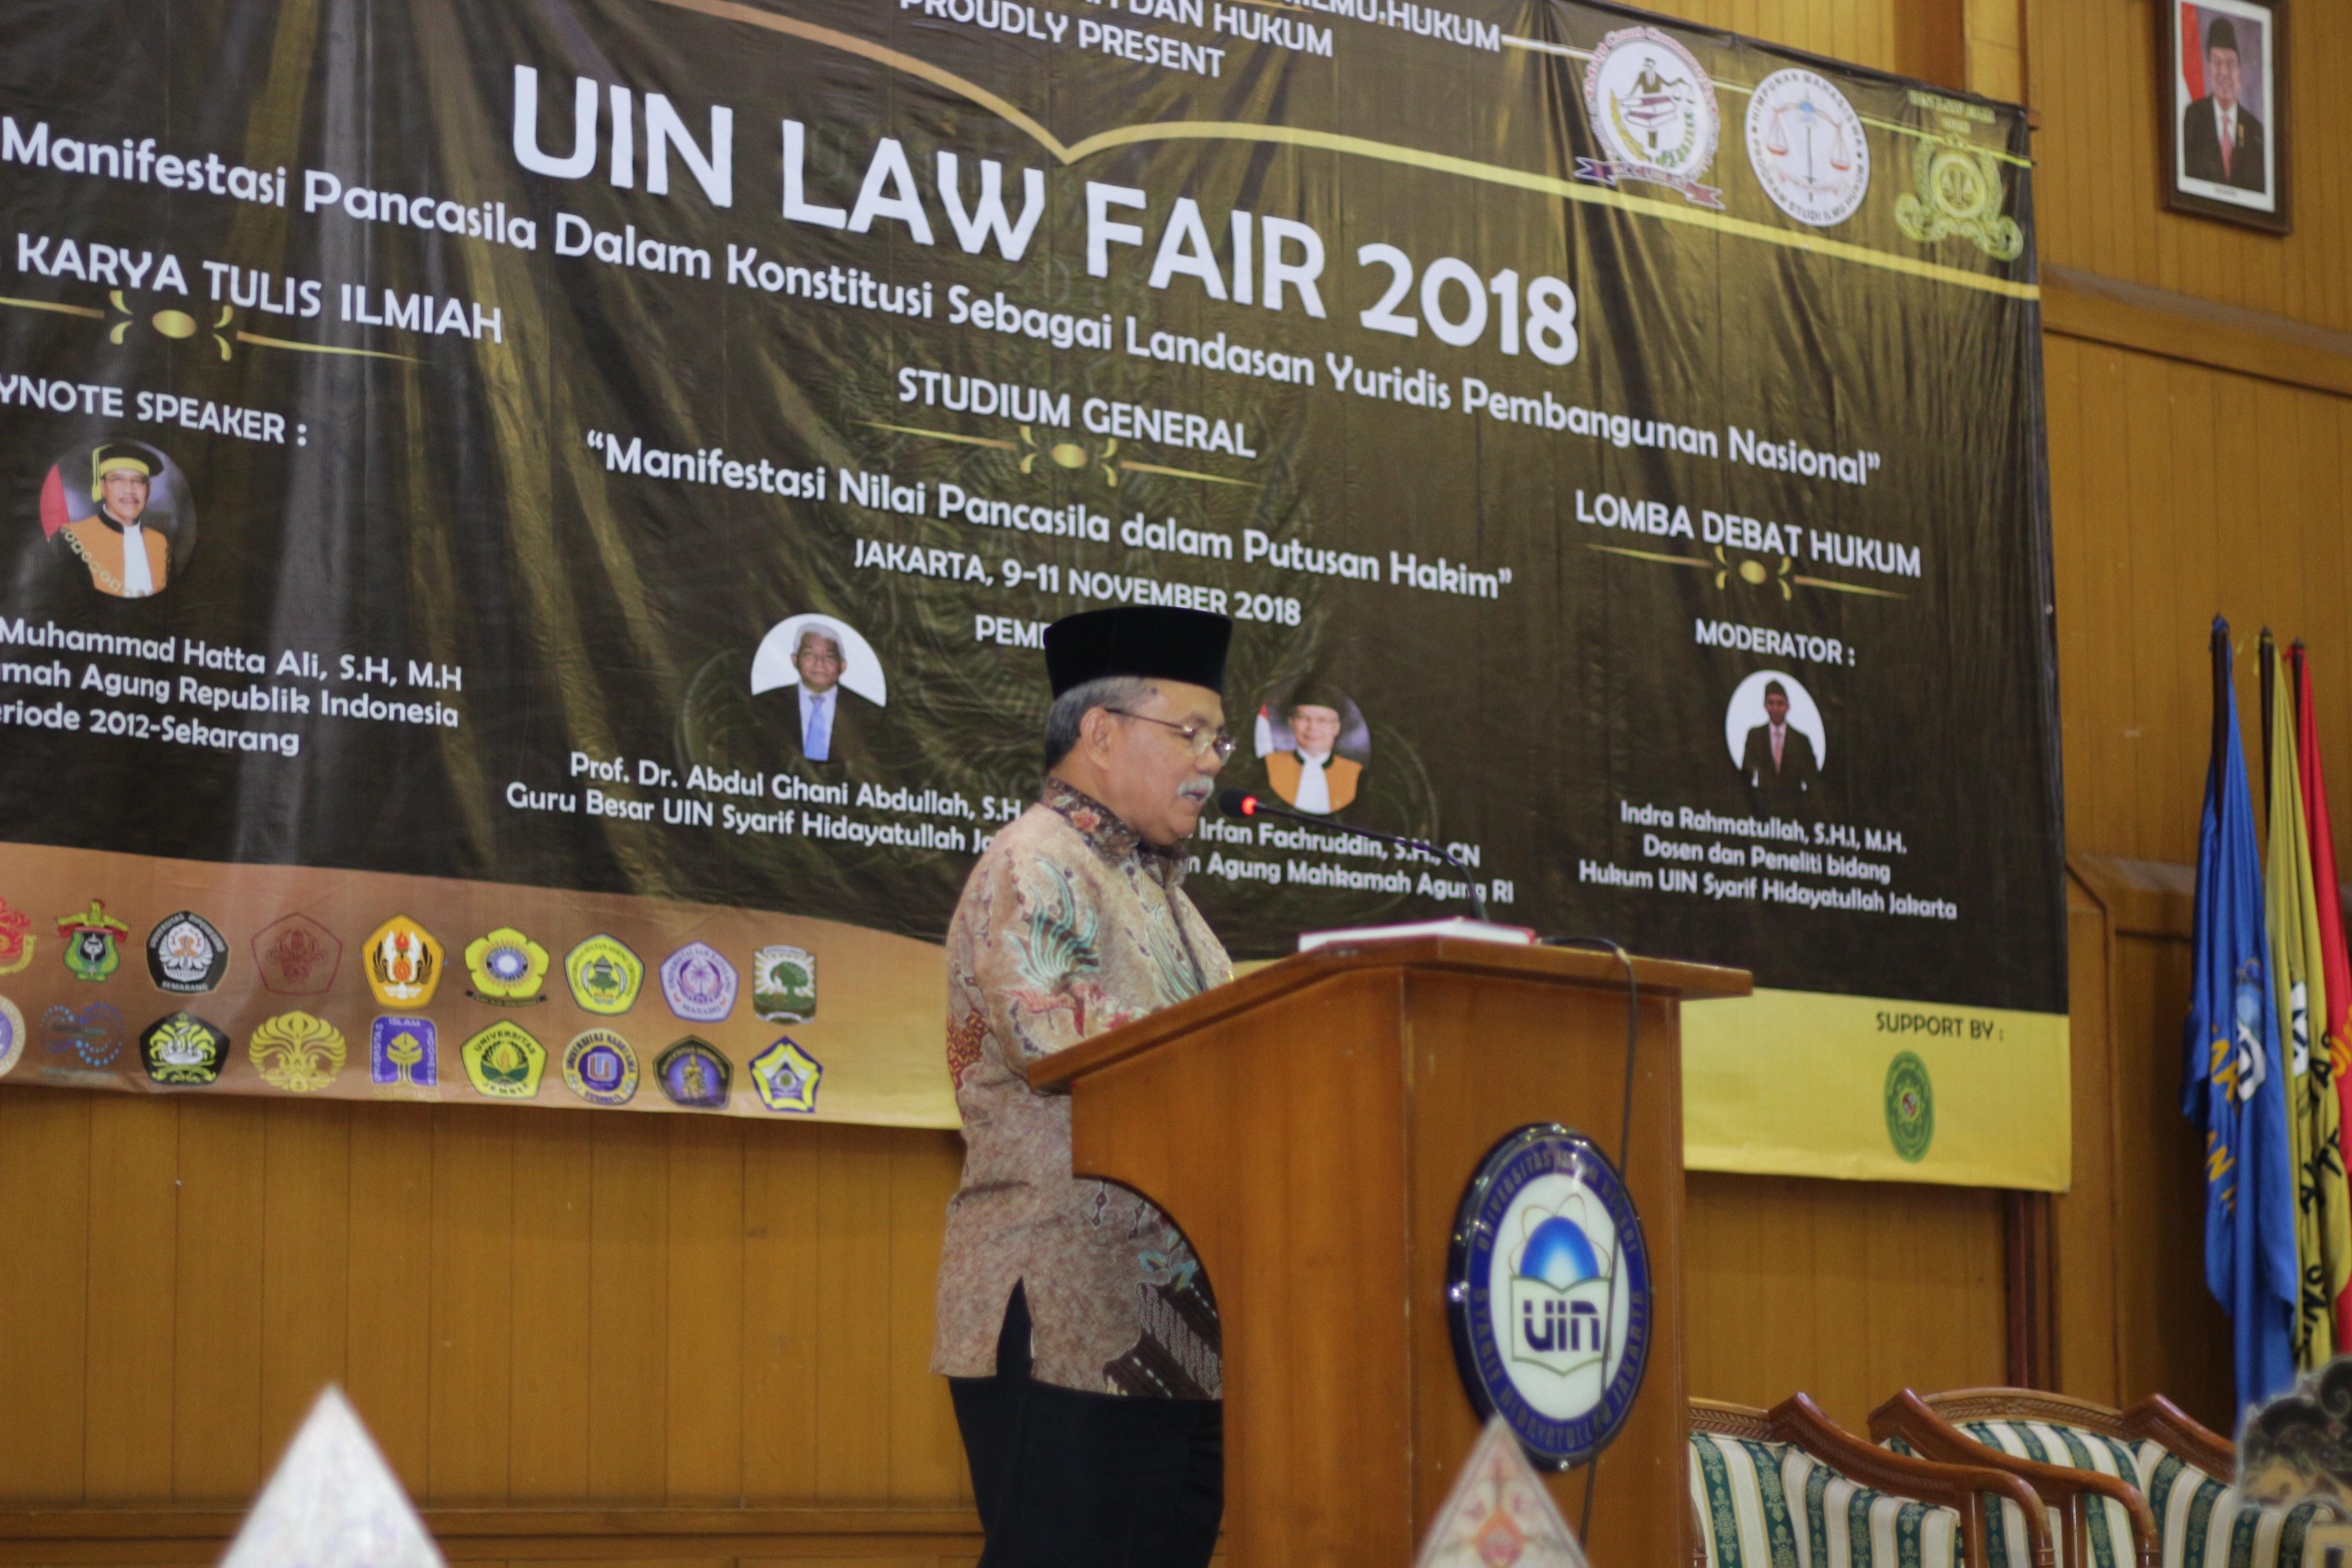 UIN LAW FAIR 2018 PEREBUTKAN PIALA BERGILIR KETUA MAHKAMAH AGUNG